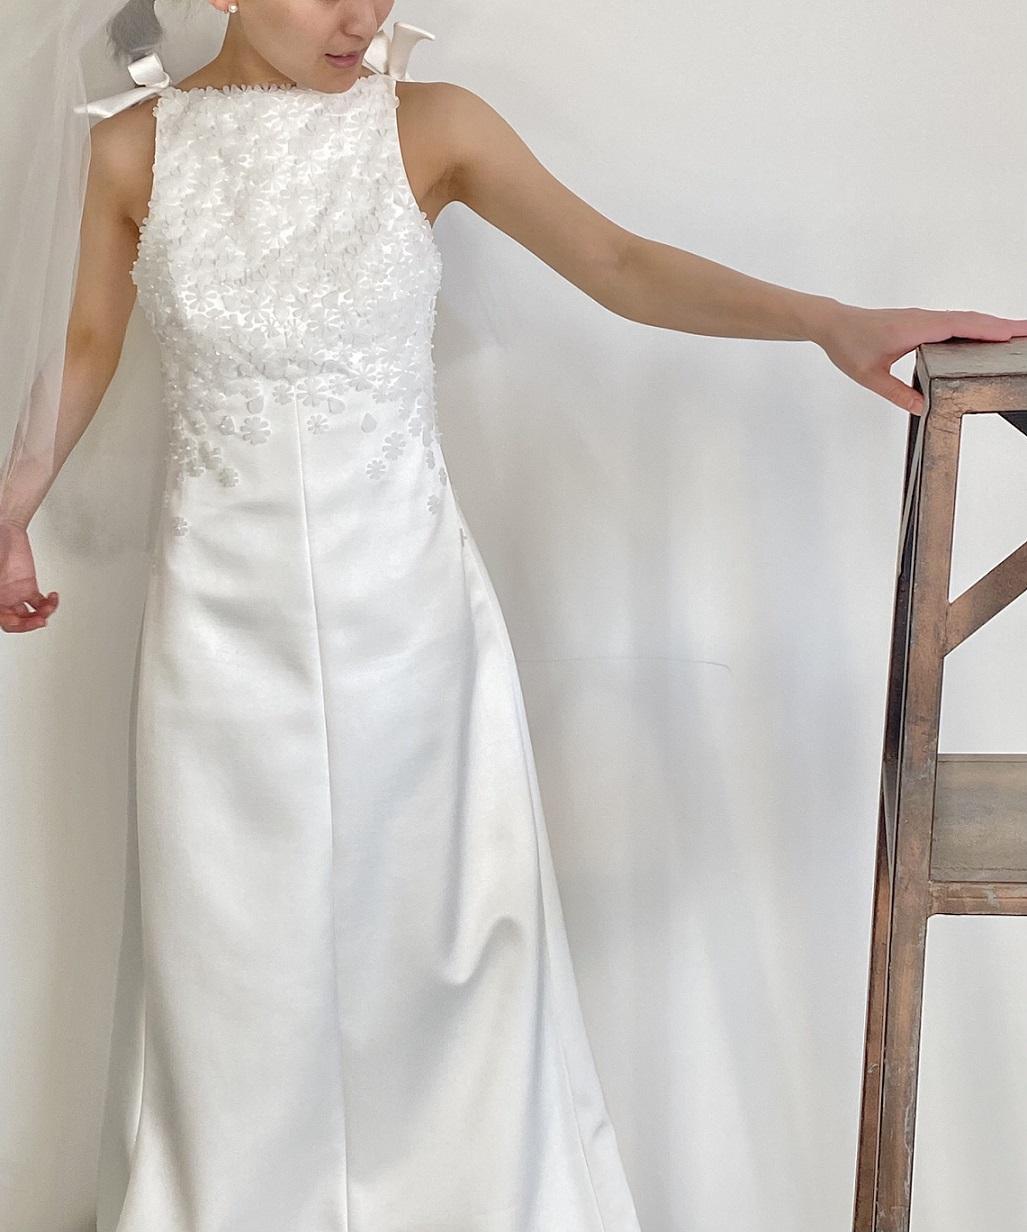 少人数結婚式にぴったりなサテン素材でスレンダーラインの個性的なレンタルウェディングドレス